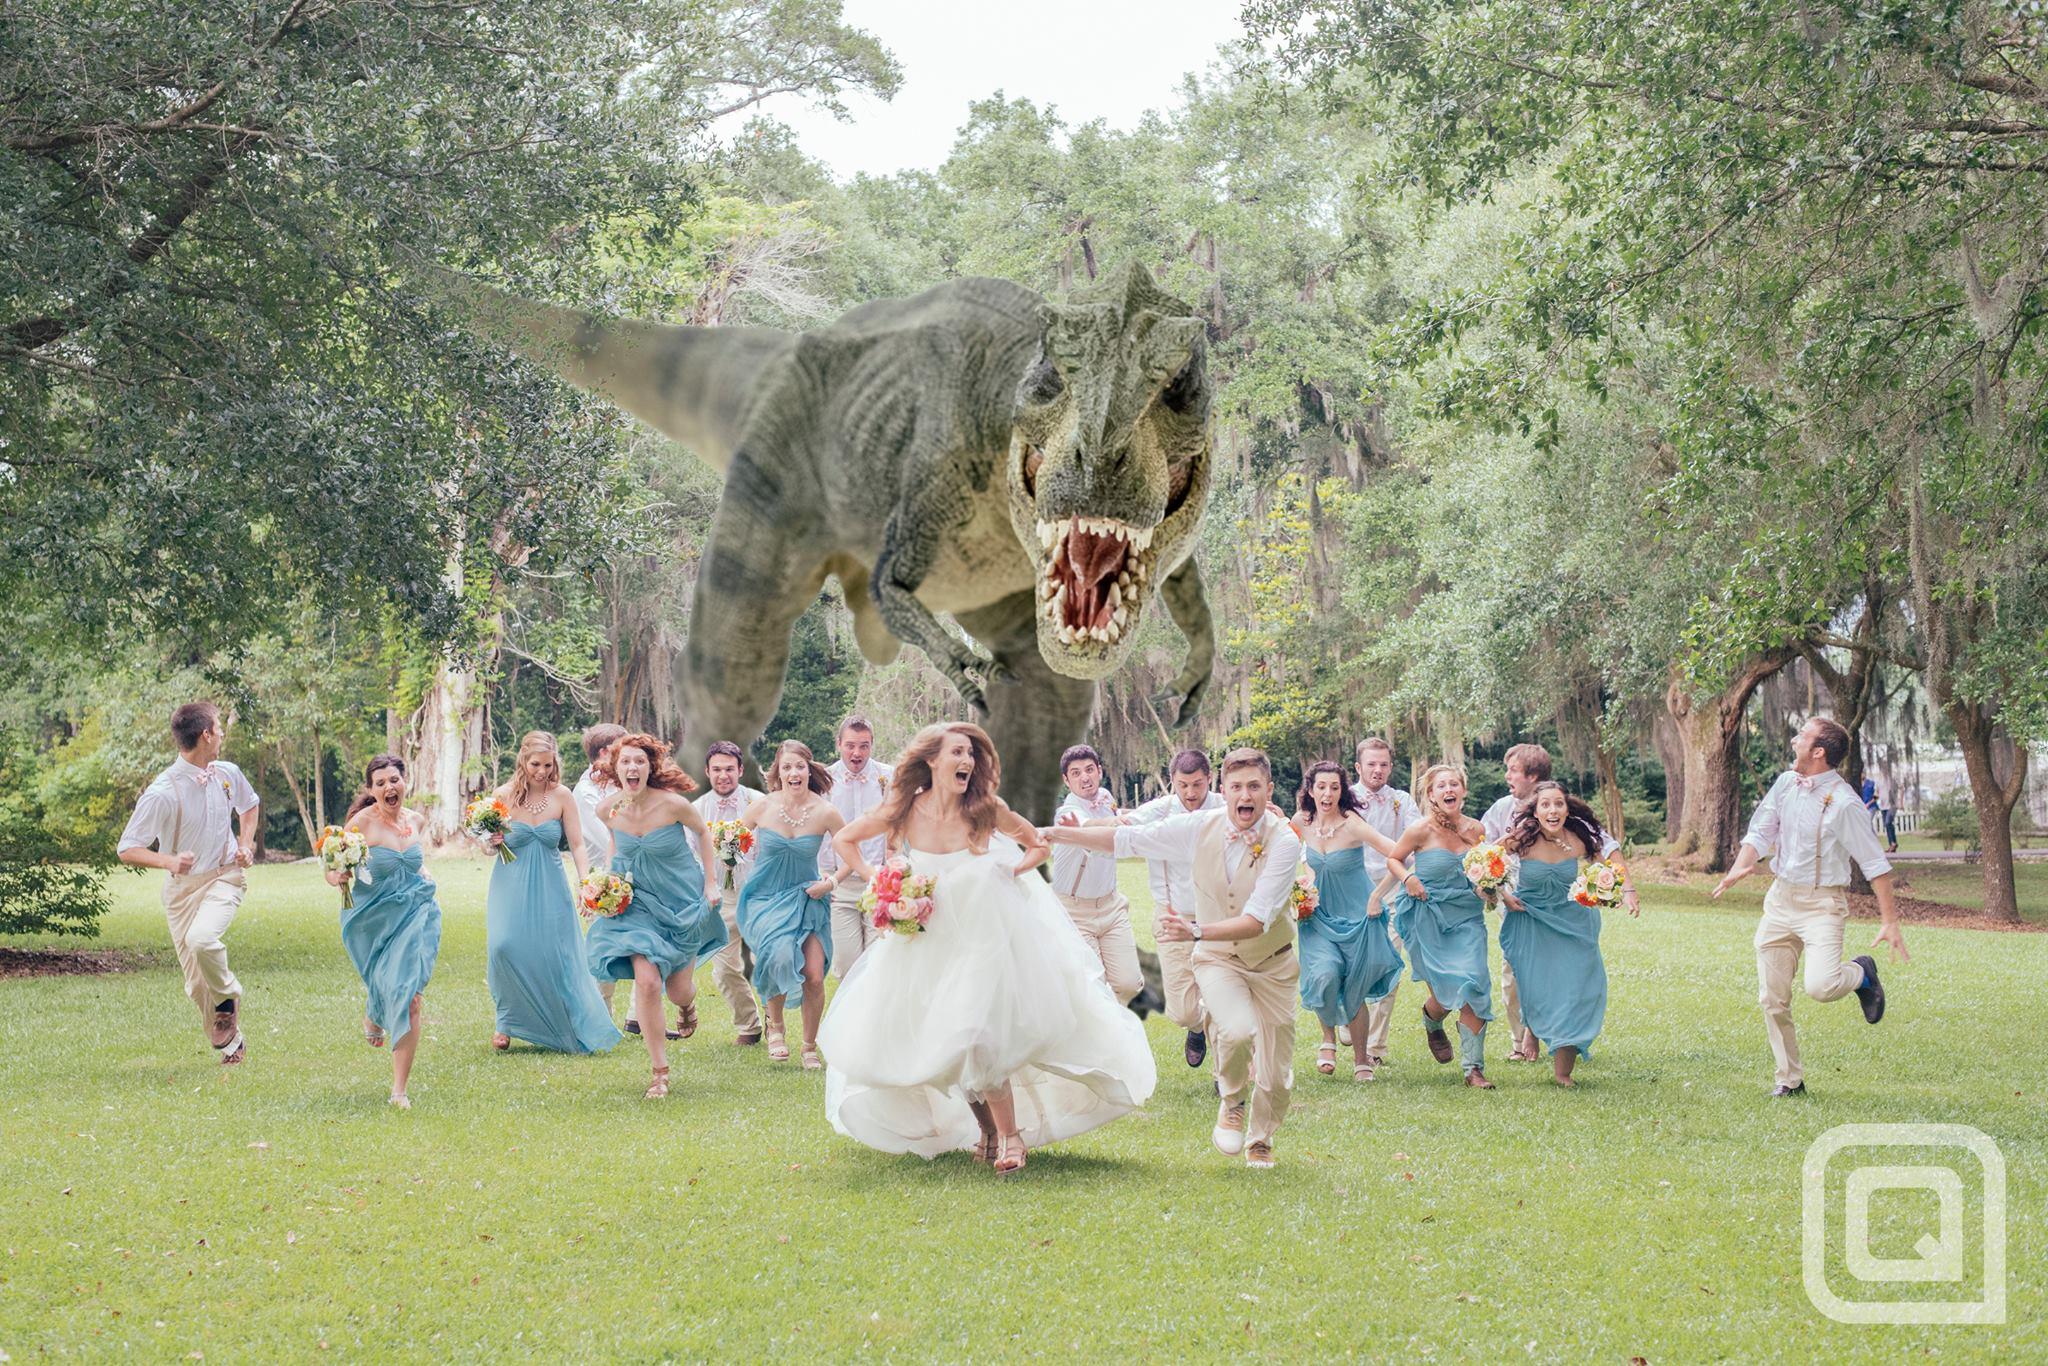 最浪漫的婚禮照:後面有隻暴龍在追1